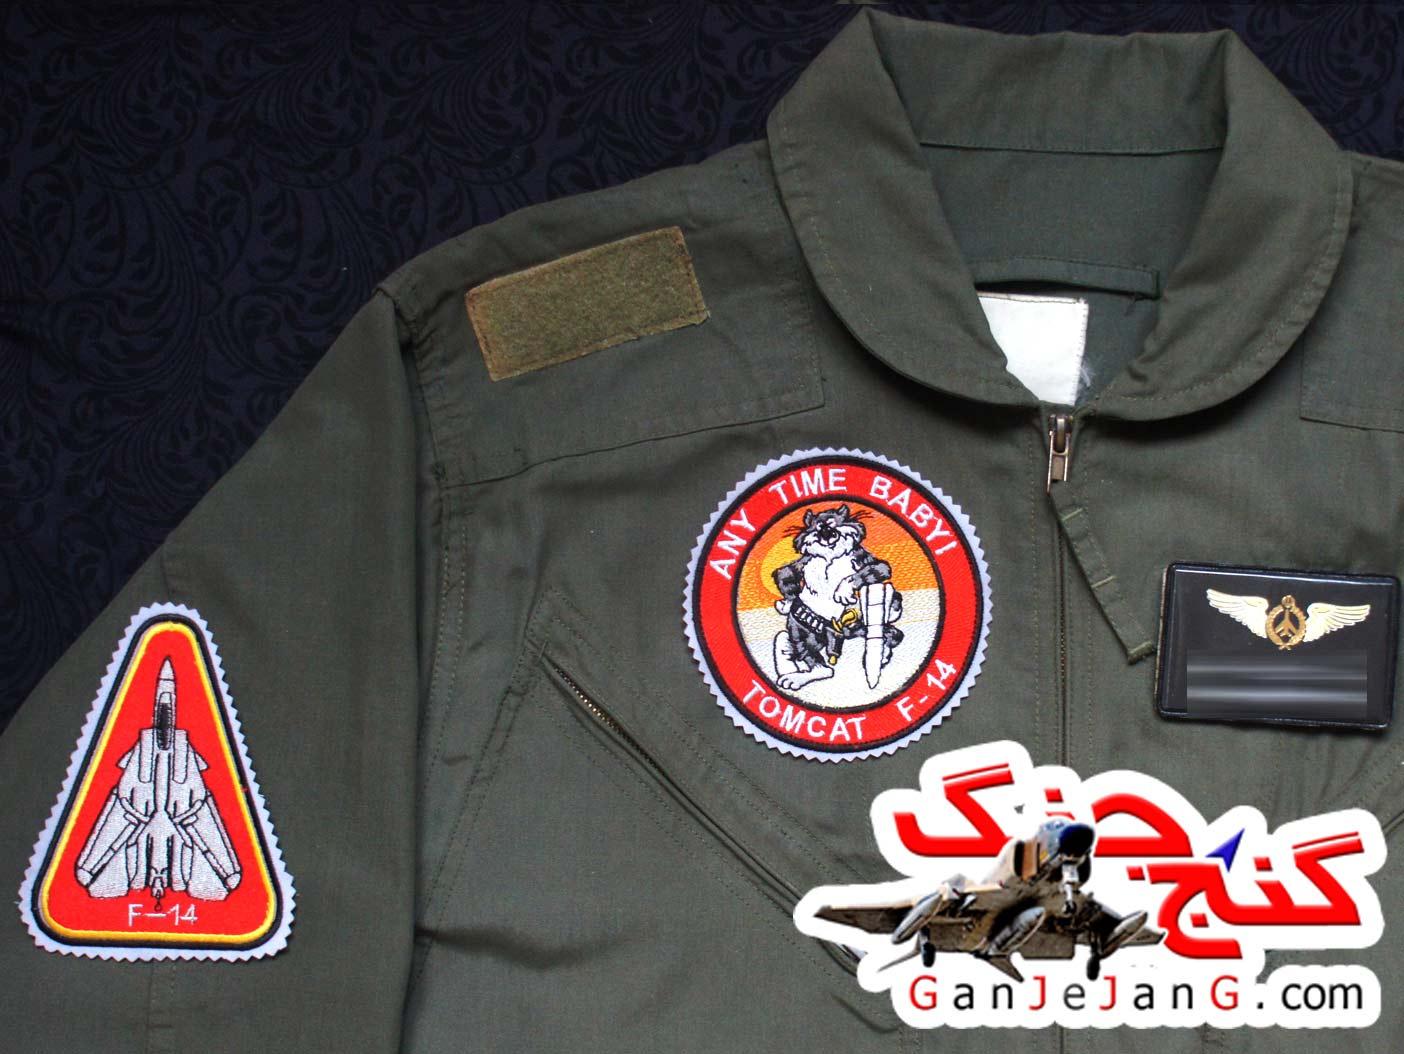 آرم بازو تمام دوخت خلبان لیدر سوم تامکت اف-14